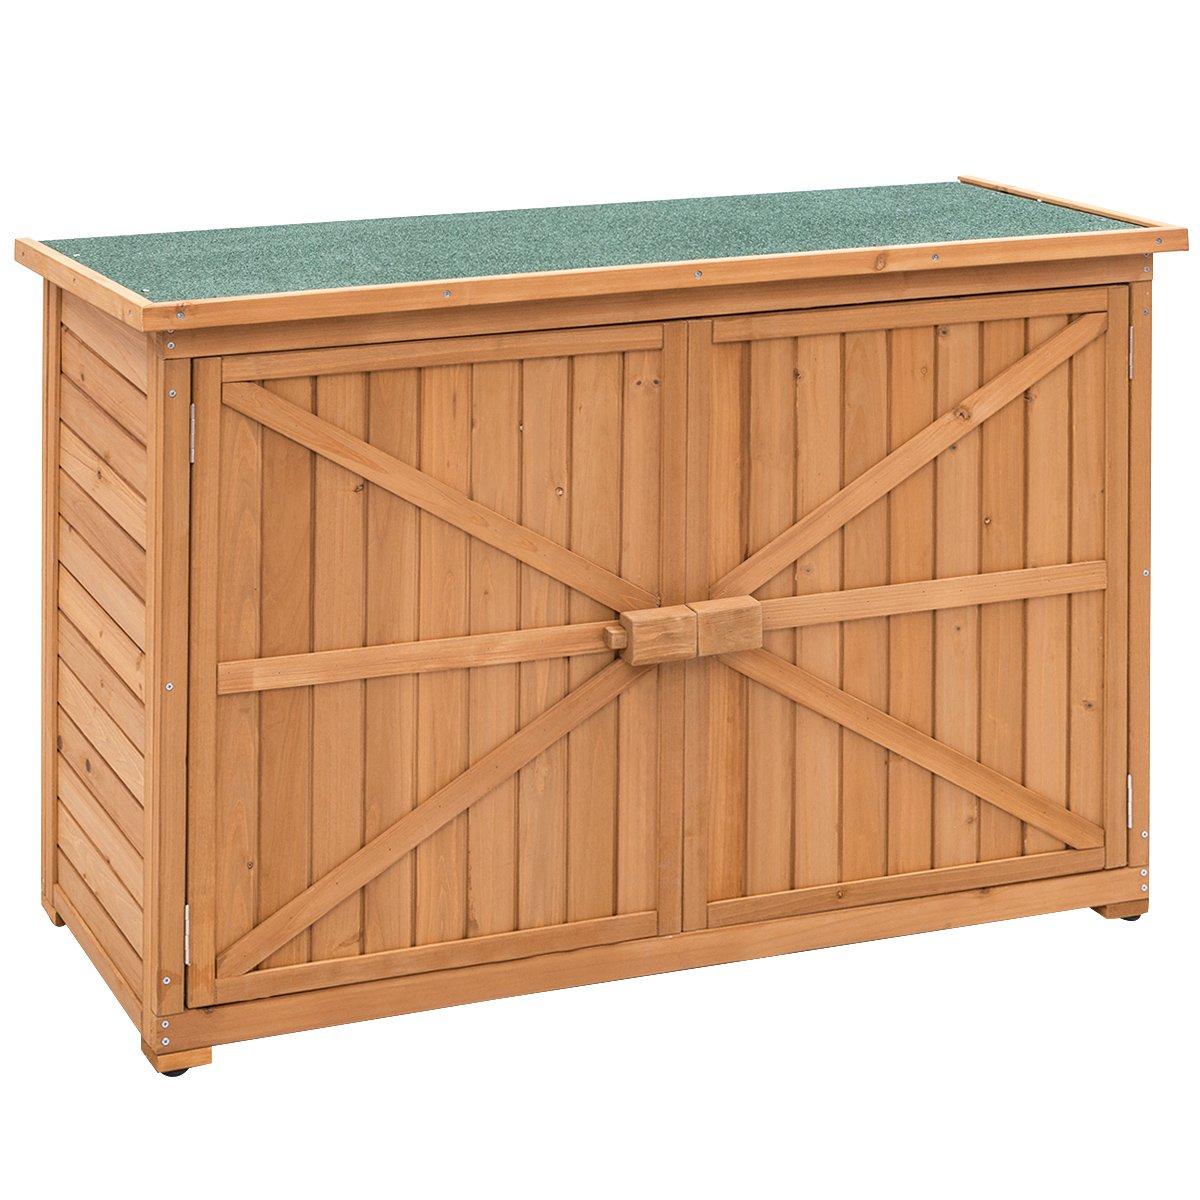 Goplus Wooden Garden Shed Fir Wood Outdoor Storage Cabinet Double Door Yard Locker